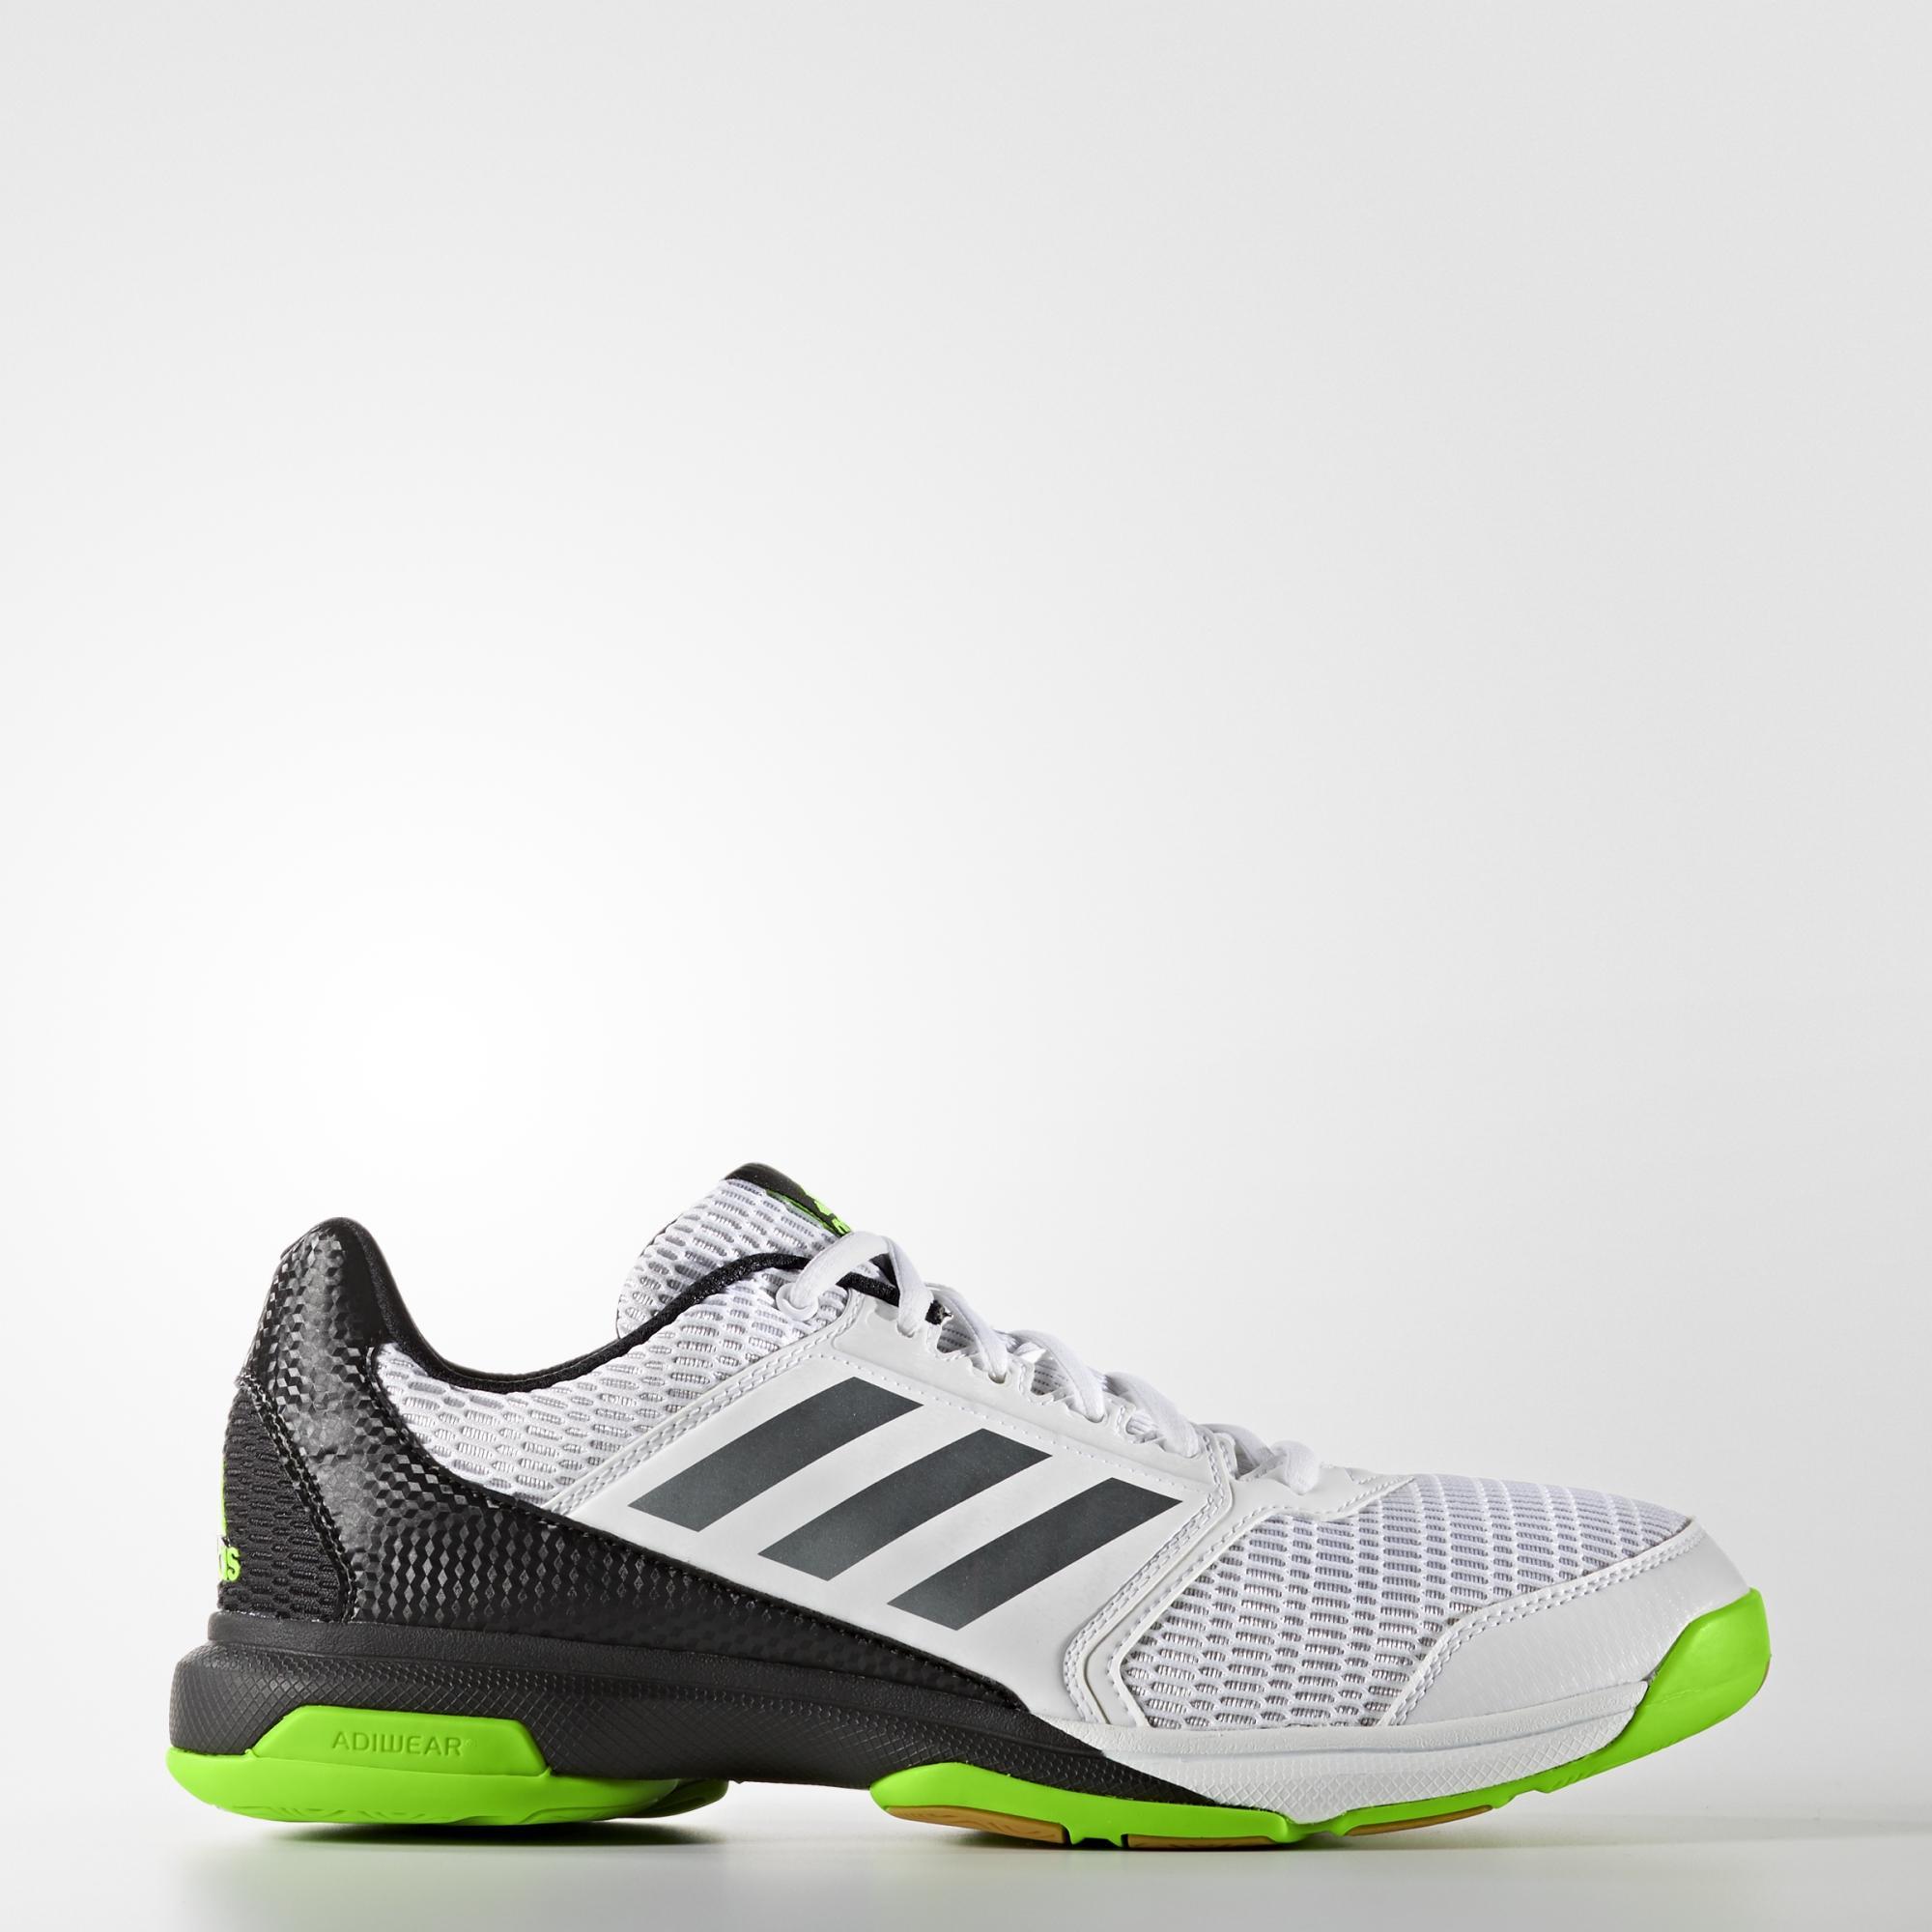 60% de réduction sur une sélection d'articles de sport + Livraison gratuite - Ex : Chaussures de hand Multido Essence à 23.98€